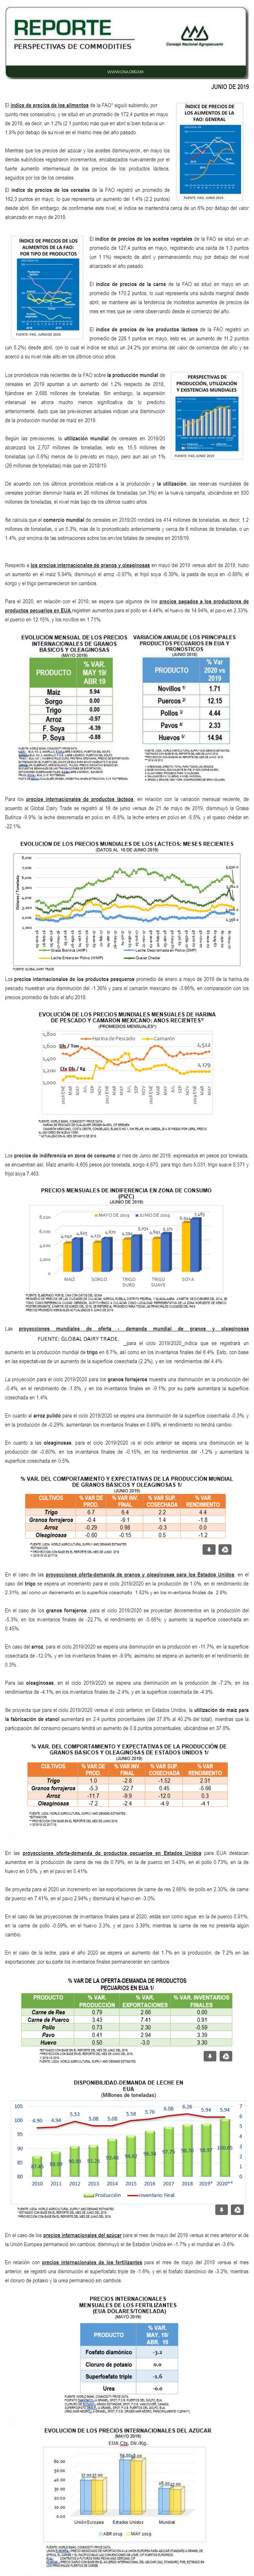 REPORTE DE PERSPECTIVAS DE COMMODITIES DE JUNIO DE 2019